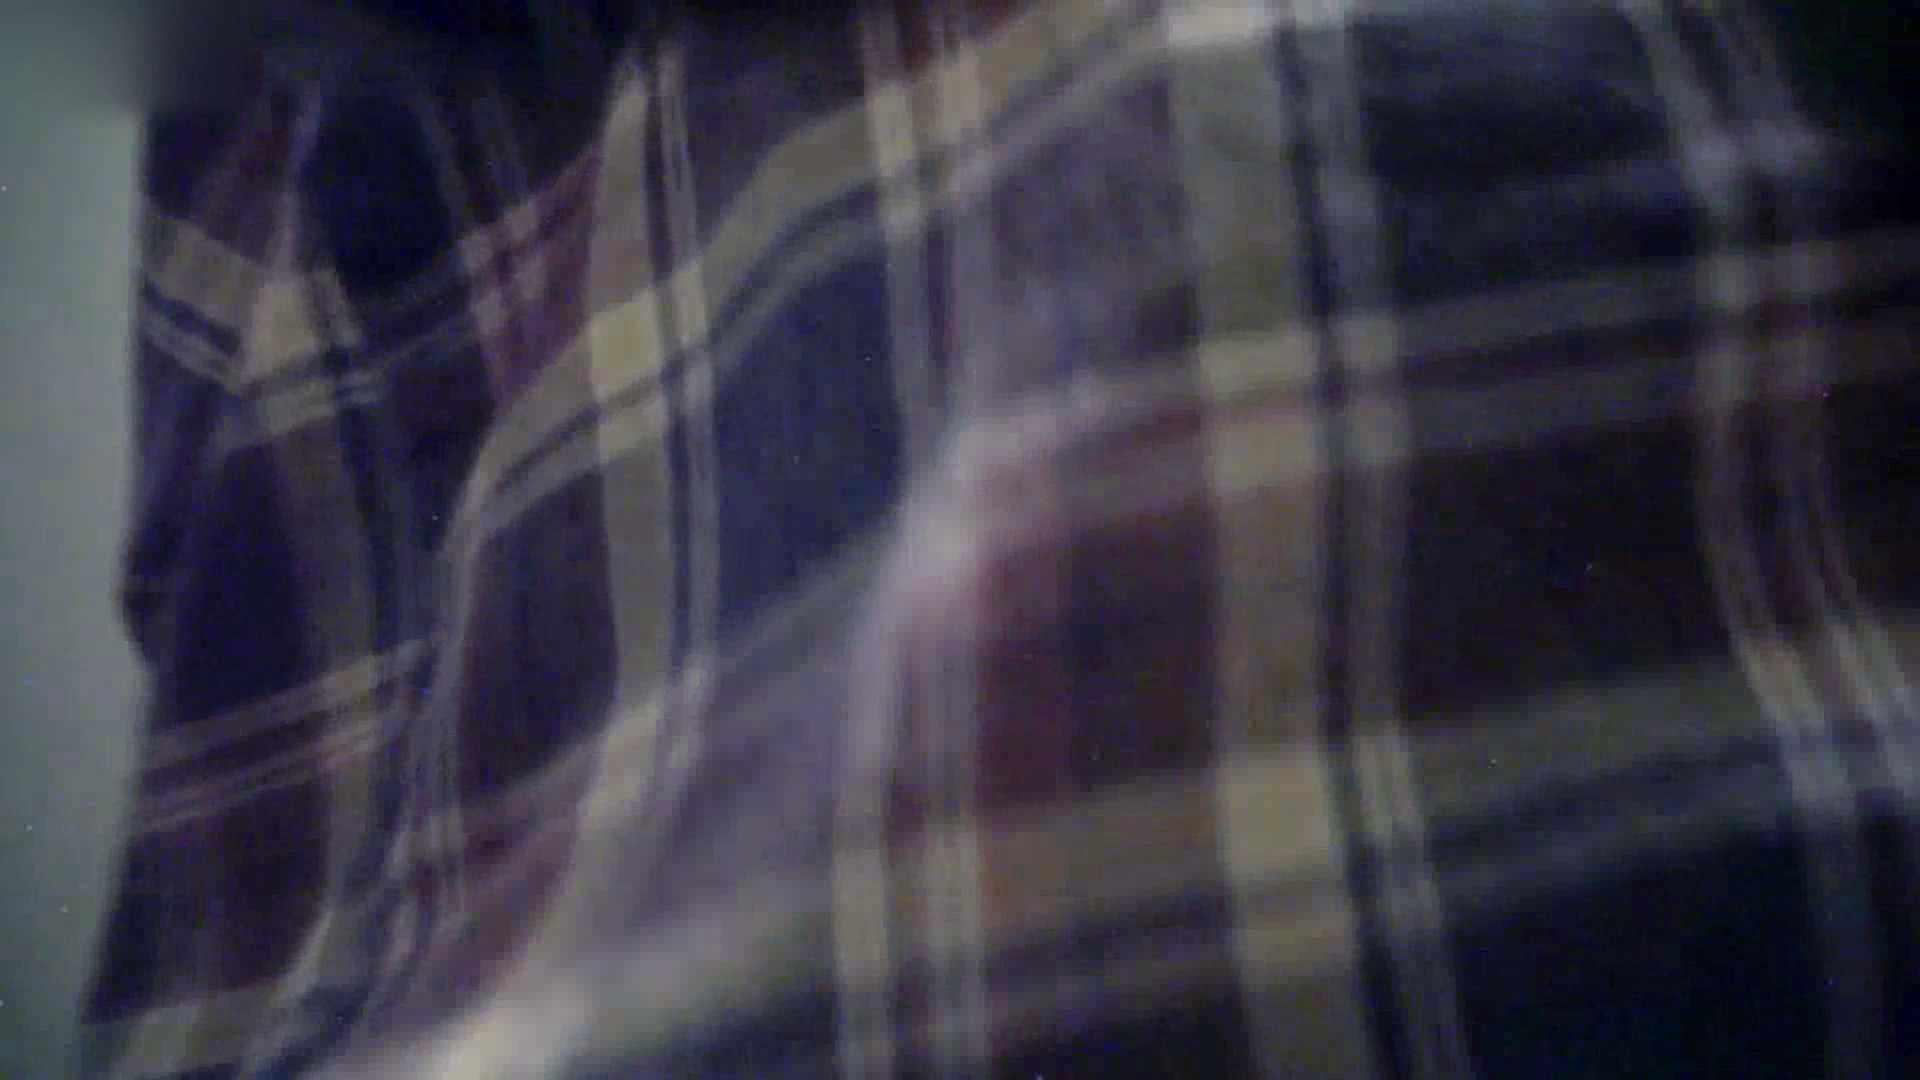 有名大学女性洗面所 vol.39 スッゴクド派手な勝負パンツ!1名+7名 和式 隠し撮りセックス画像 107画像 24